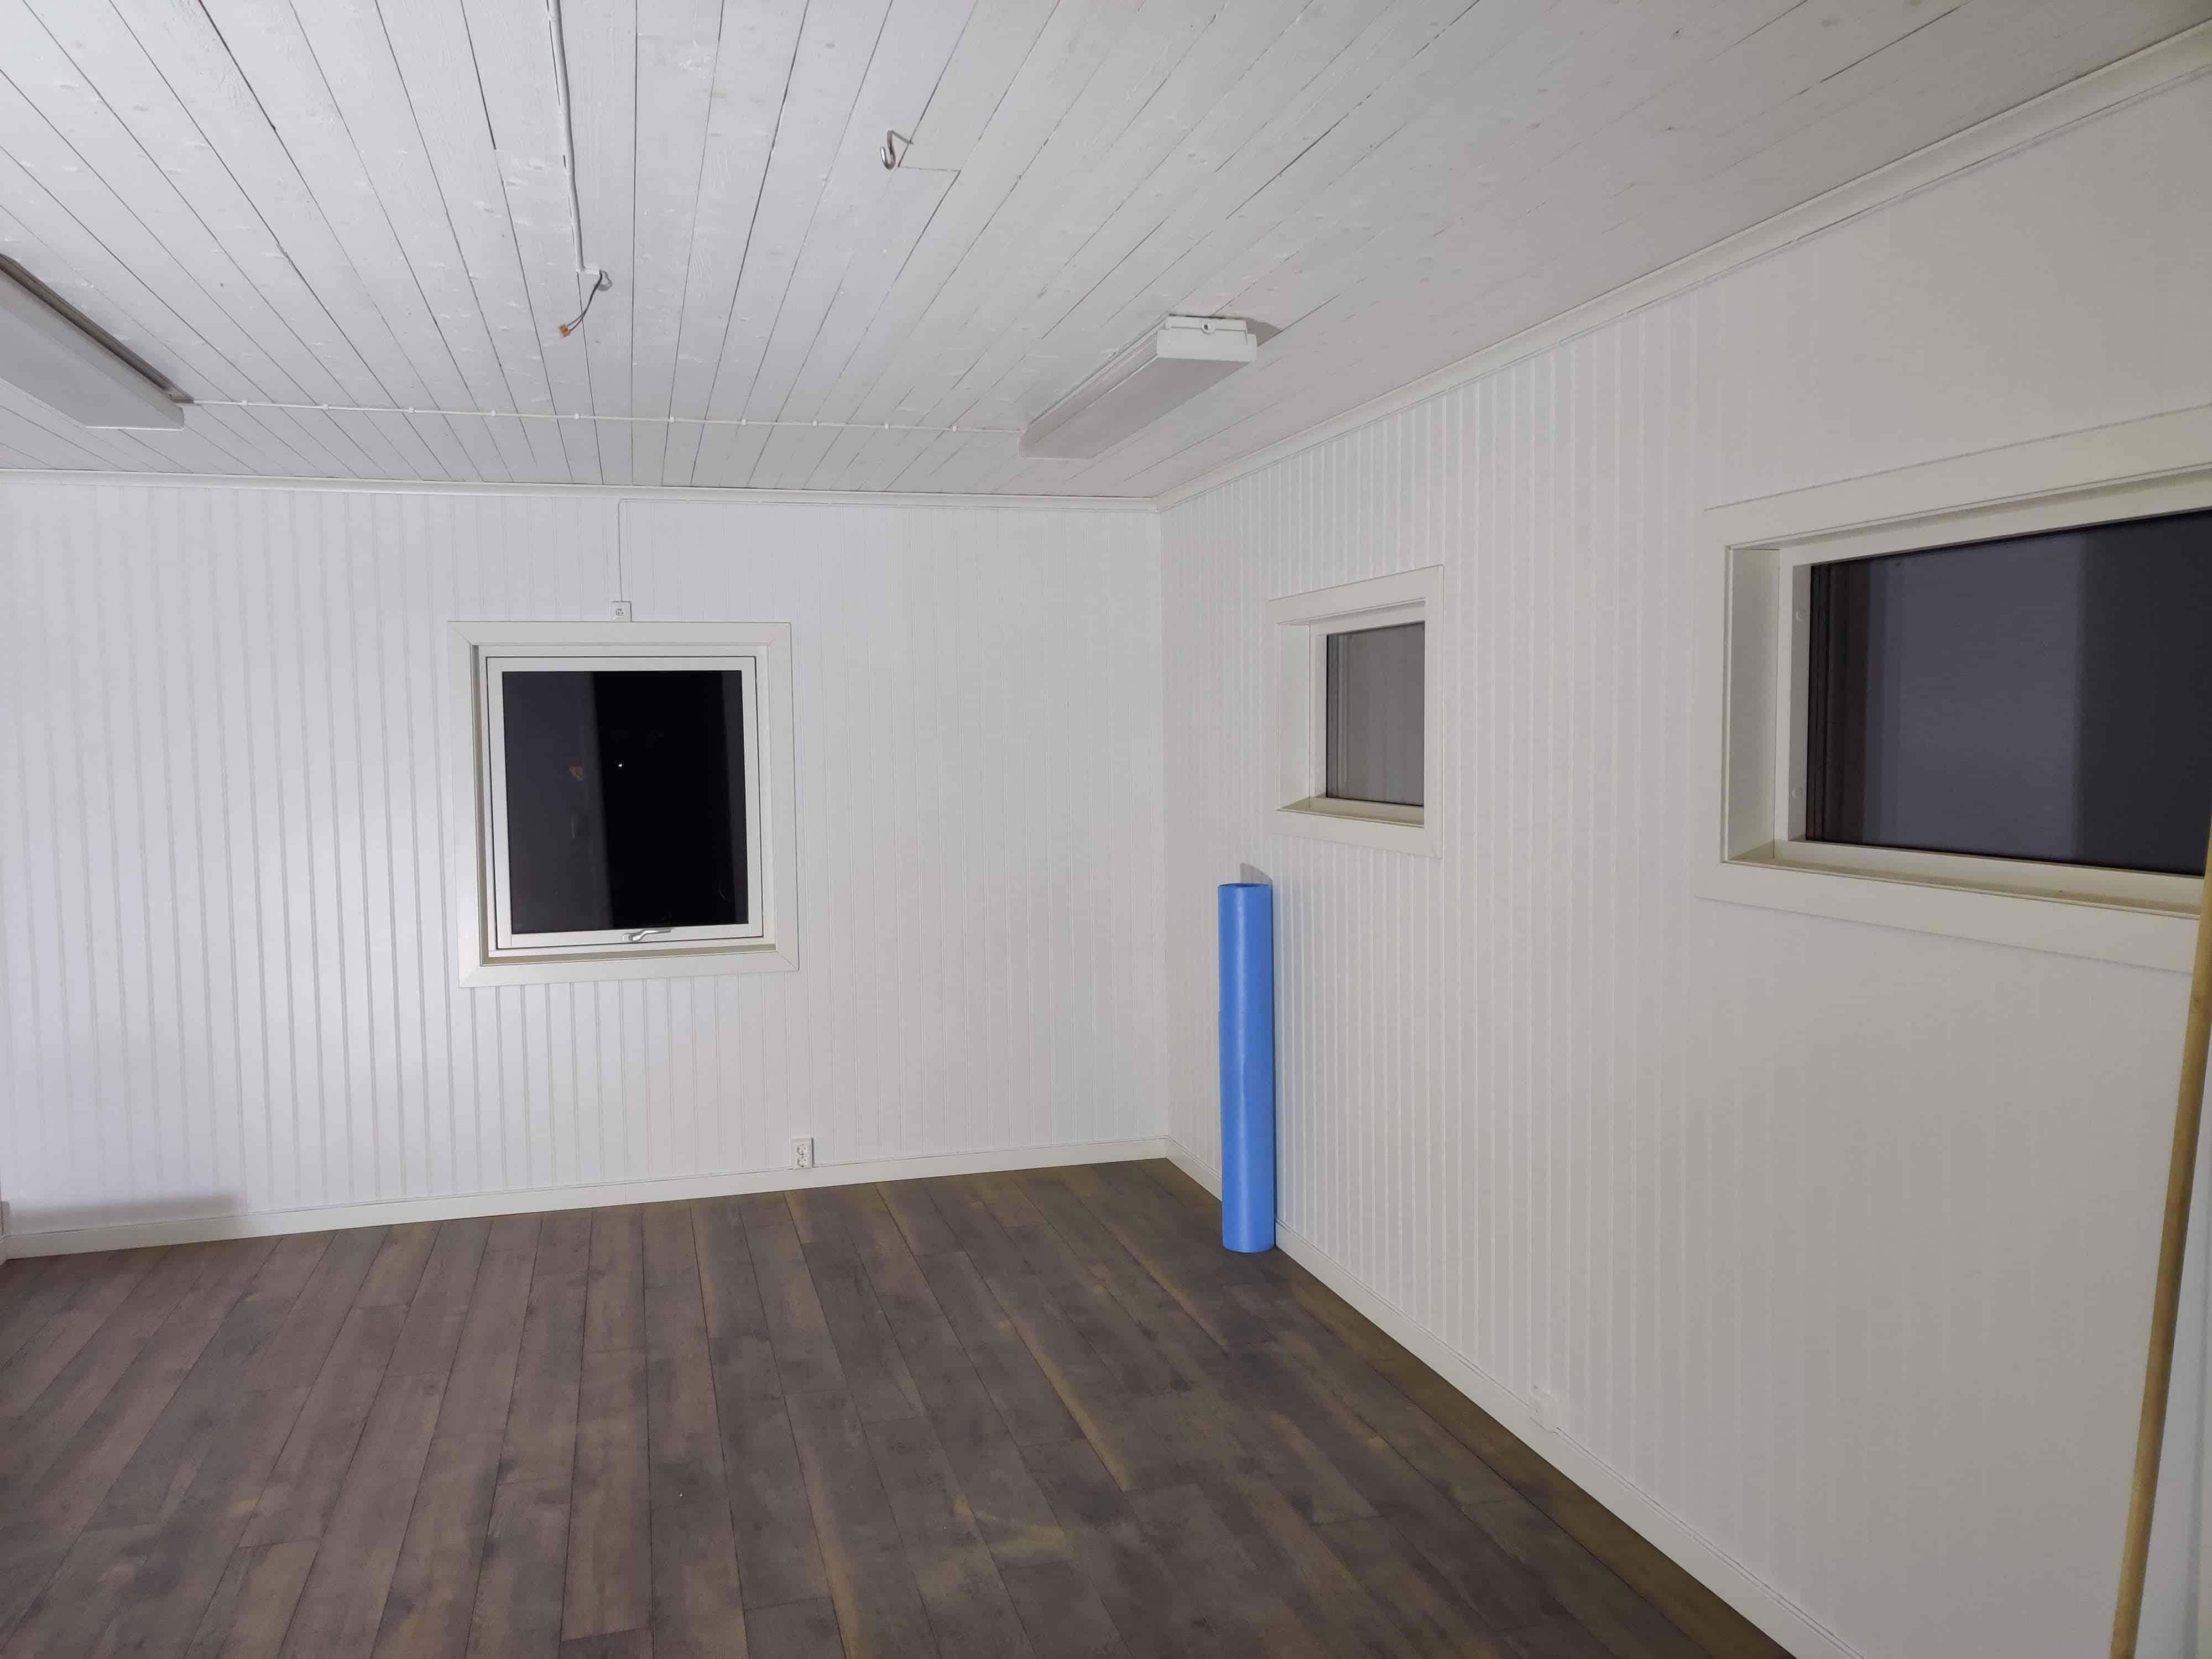 """Referensjobb """"Efterbild"""" utfört av Stefan Larsson Byggtjänst"""